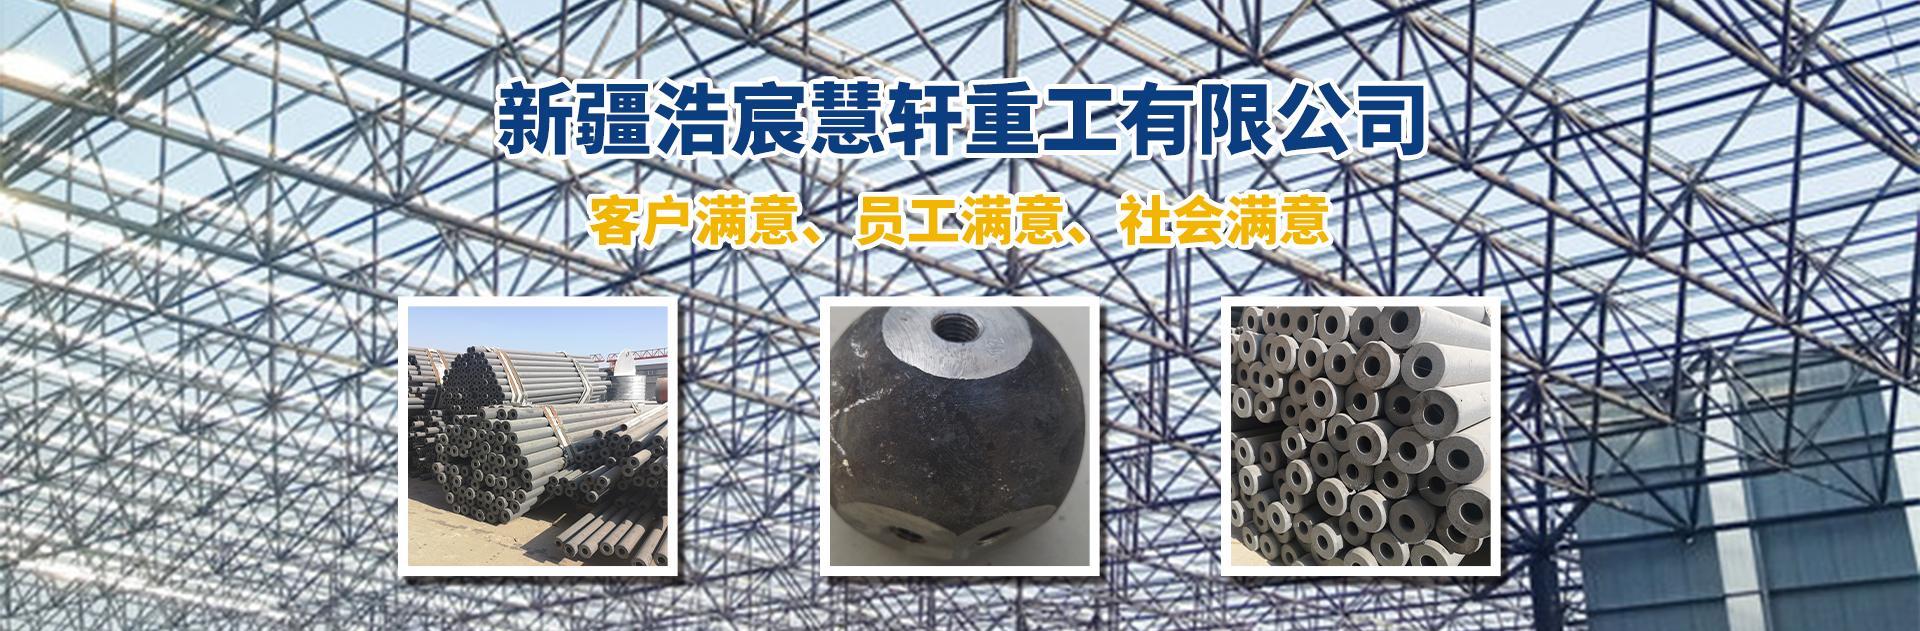 網架鋼結構,新疆網架,新疆網架鋼結構,新疆油罐